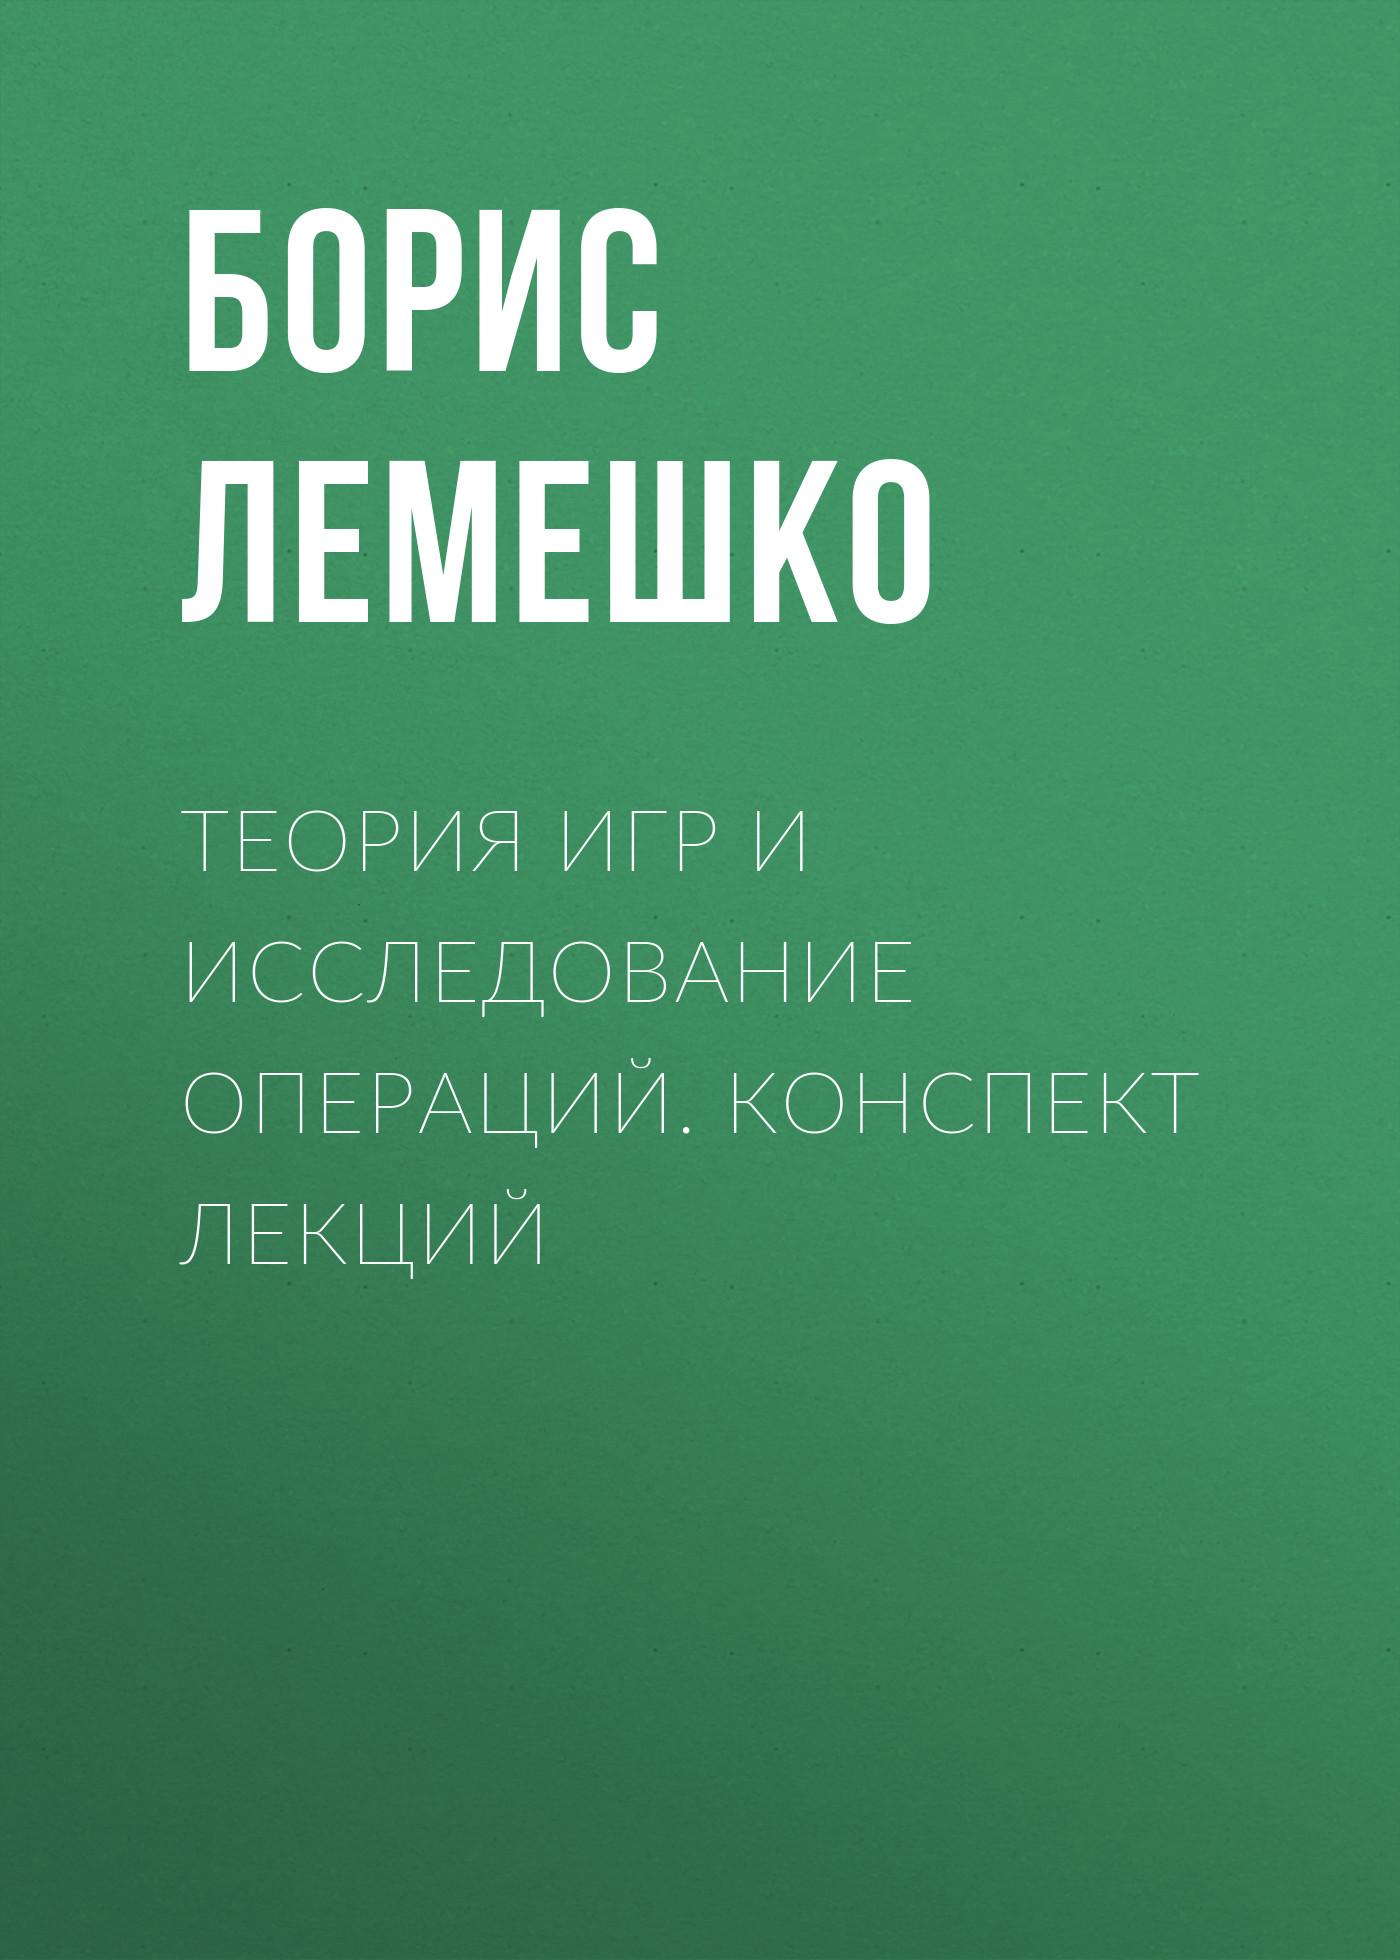 Борис Лемешко Теория игр и исследование операций. конспект лекций коллектив авторов теория обучения конспект лекций isbn 978 5 699 25593 1